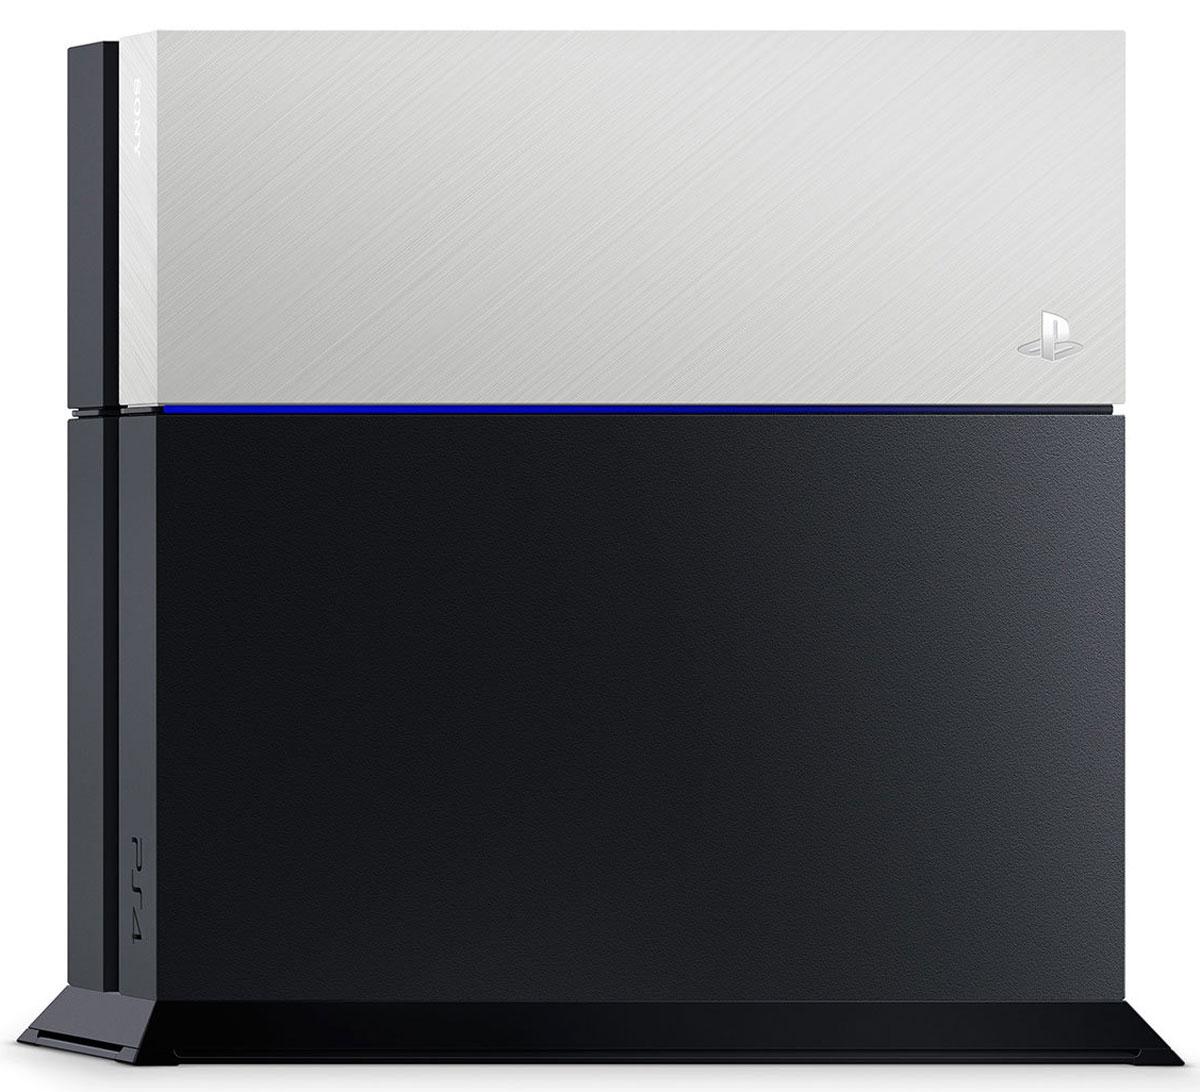 Дополнительная крышка для жесткого диска PS4 (серебряная) игровая консоль sony playstation 4 slim с 1 тб памяти игрой fifa 18 и 14 дневной подпиской playstation plus cuh 2108b черный